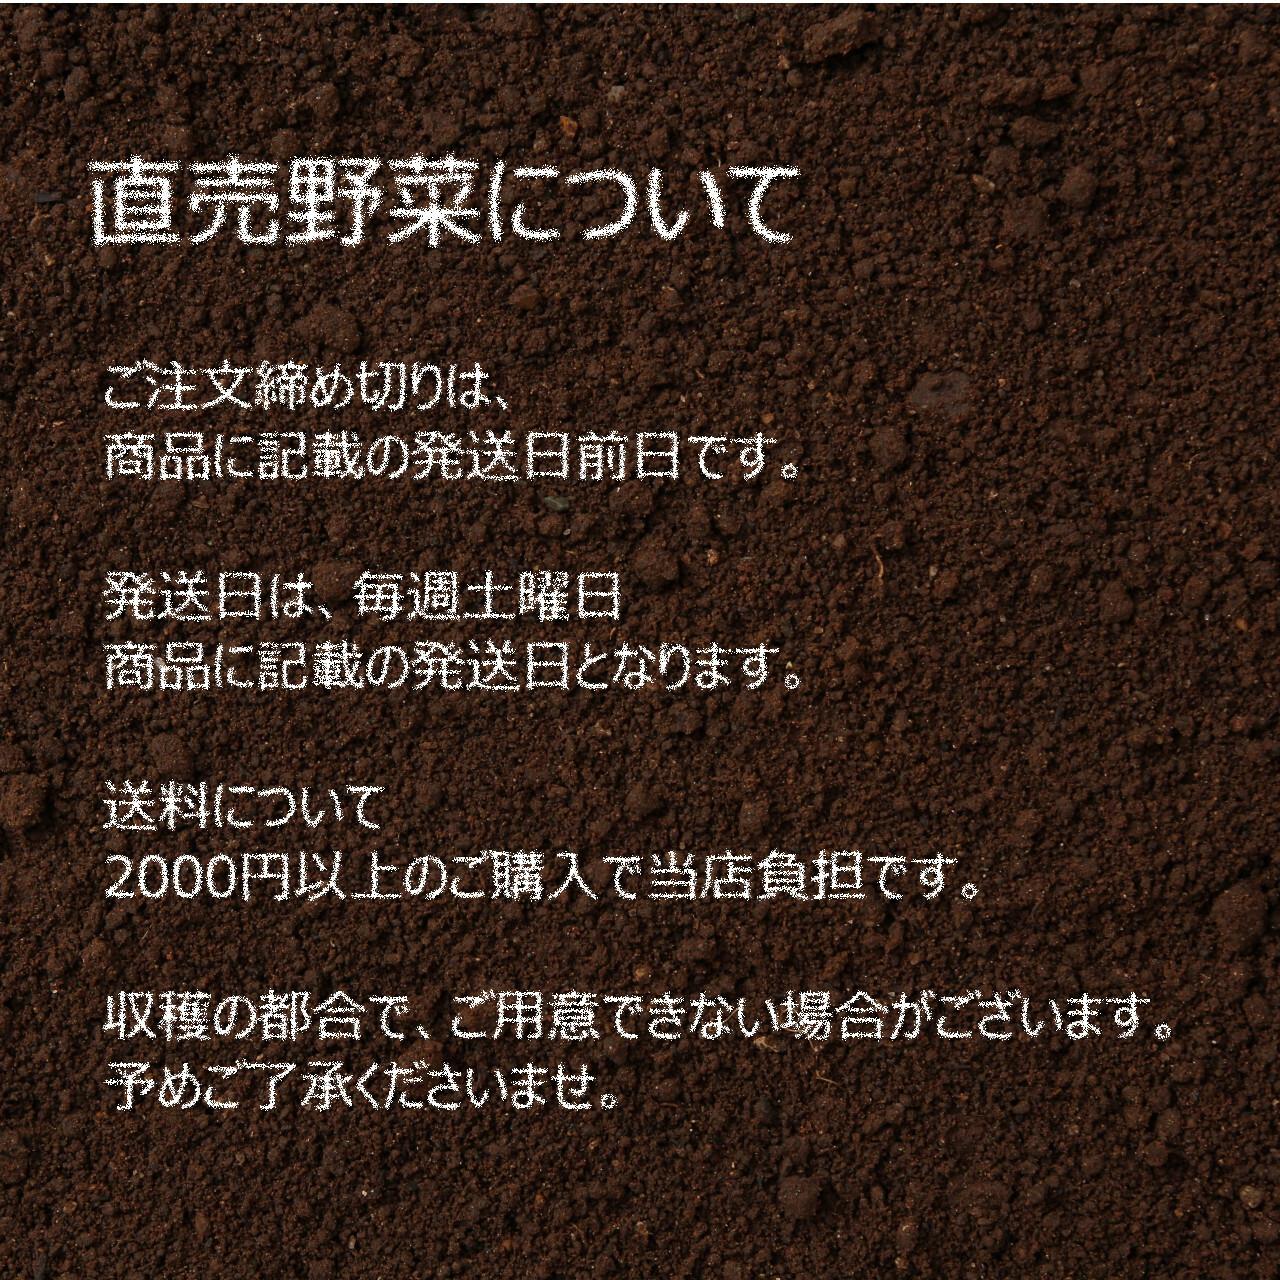 新鮮な秋野菜 : 里芋 約350g 11月の朝採り直売野菜 11月7日発送予定